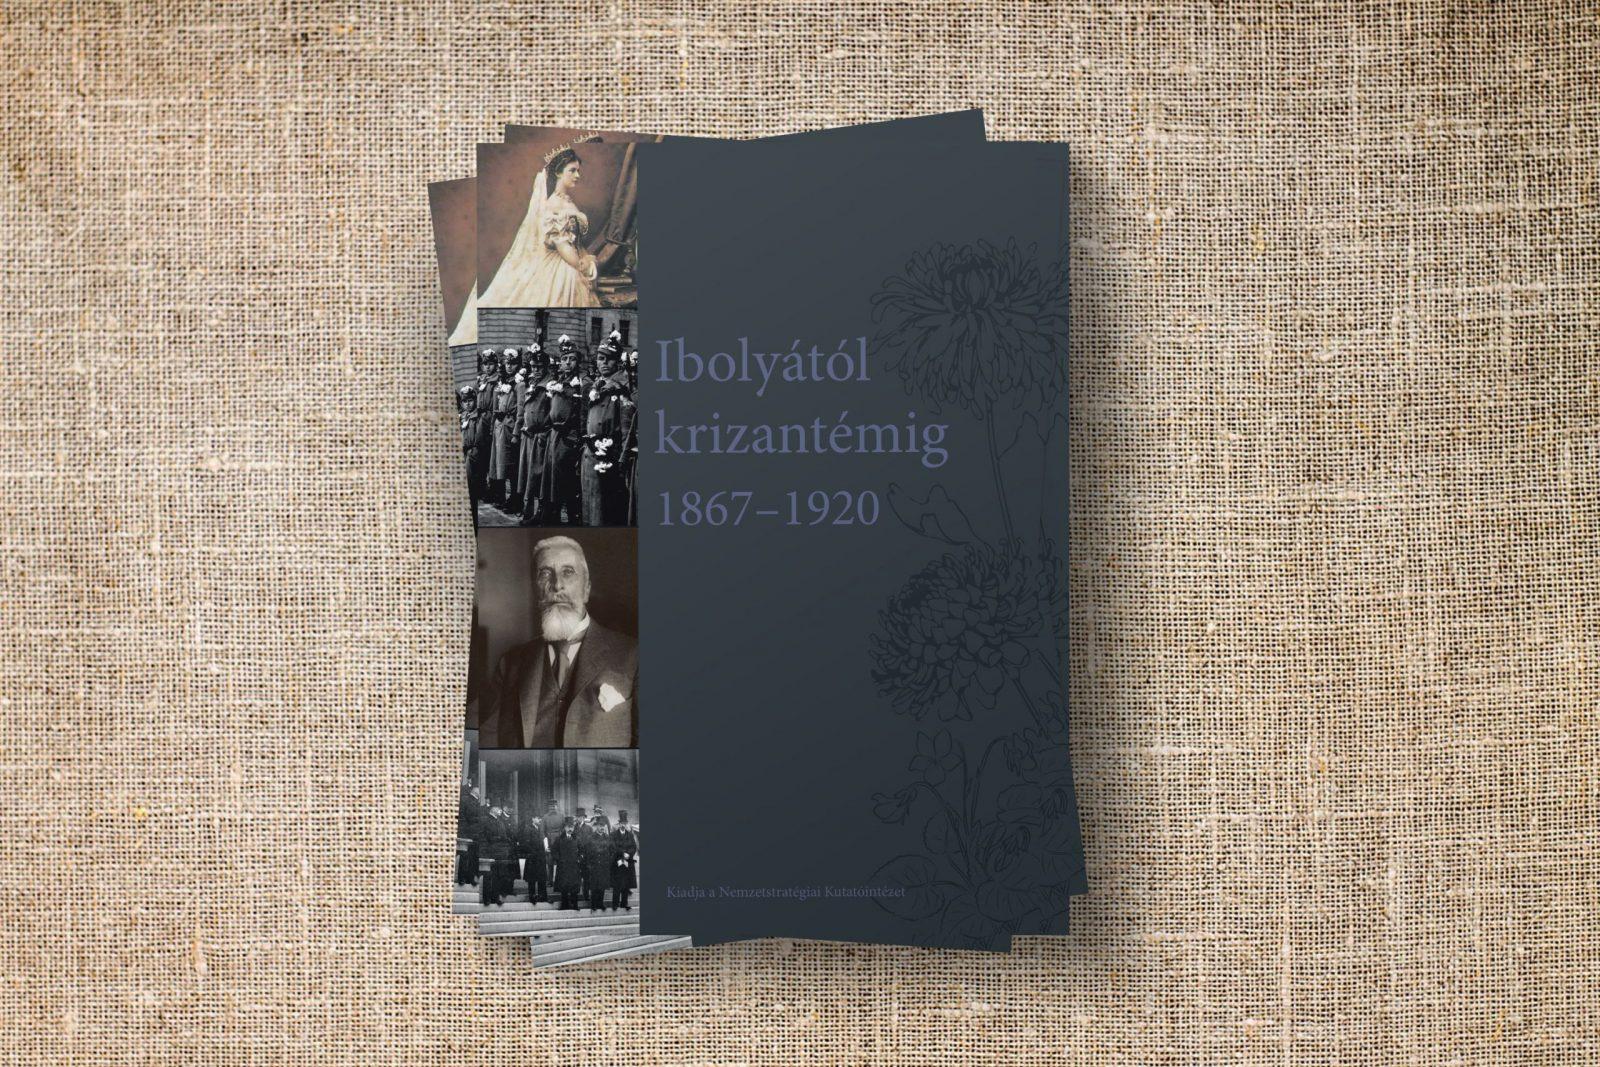 Ibolyától krizantémig 1867–1920